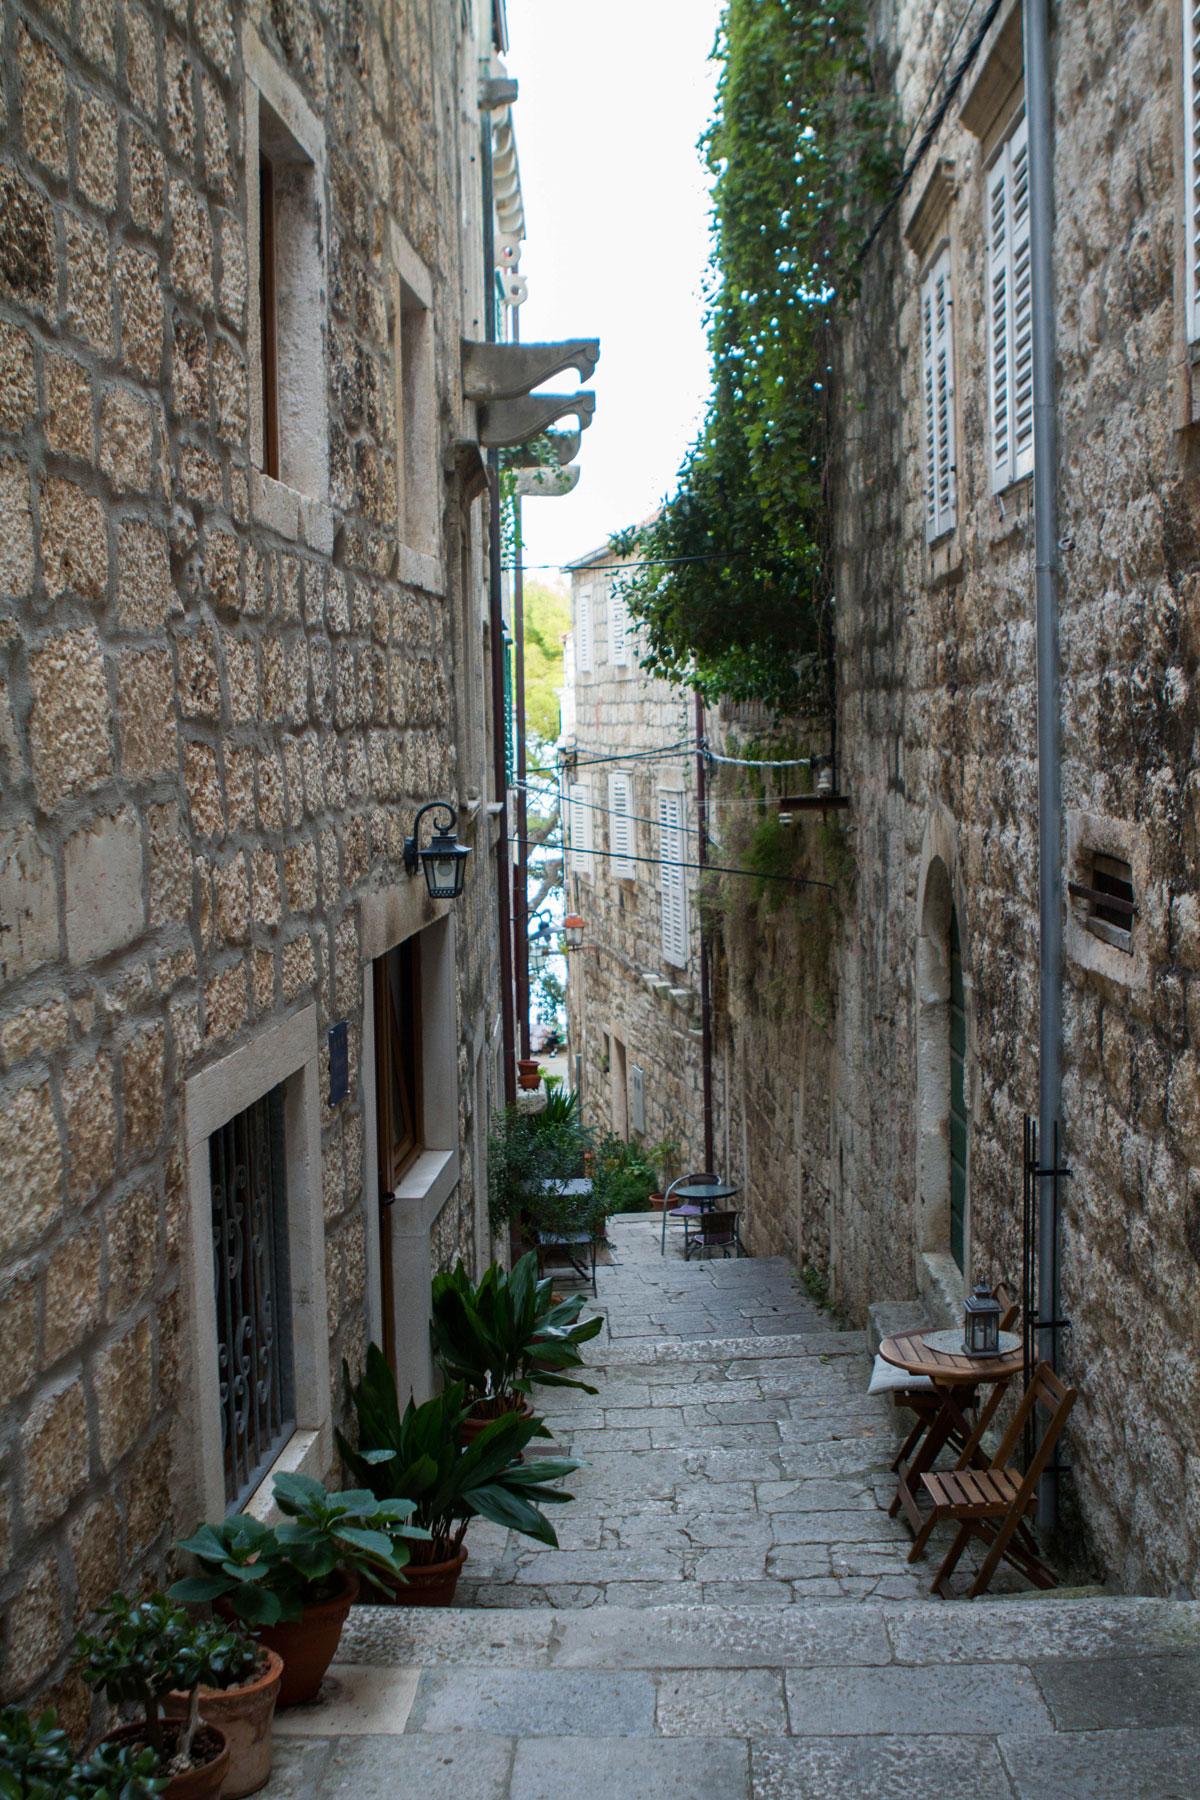 Streets-of-Korcula_Dalmatia-Coast-(photo